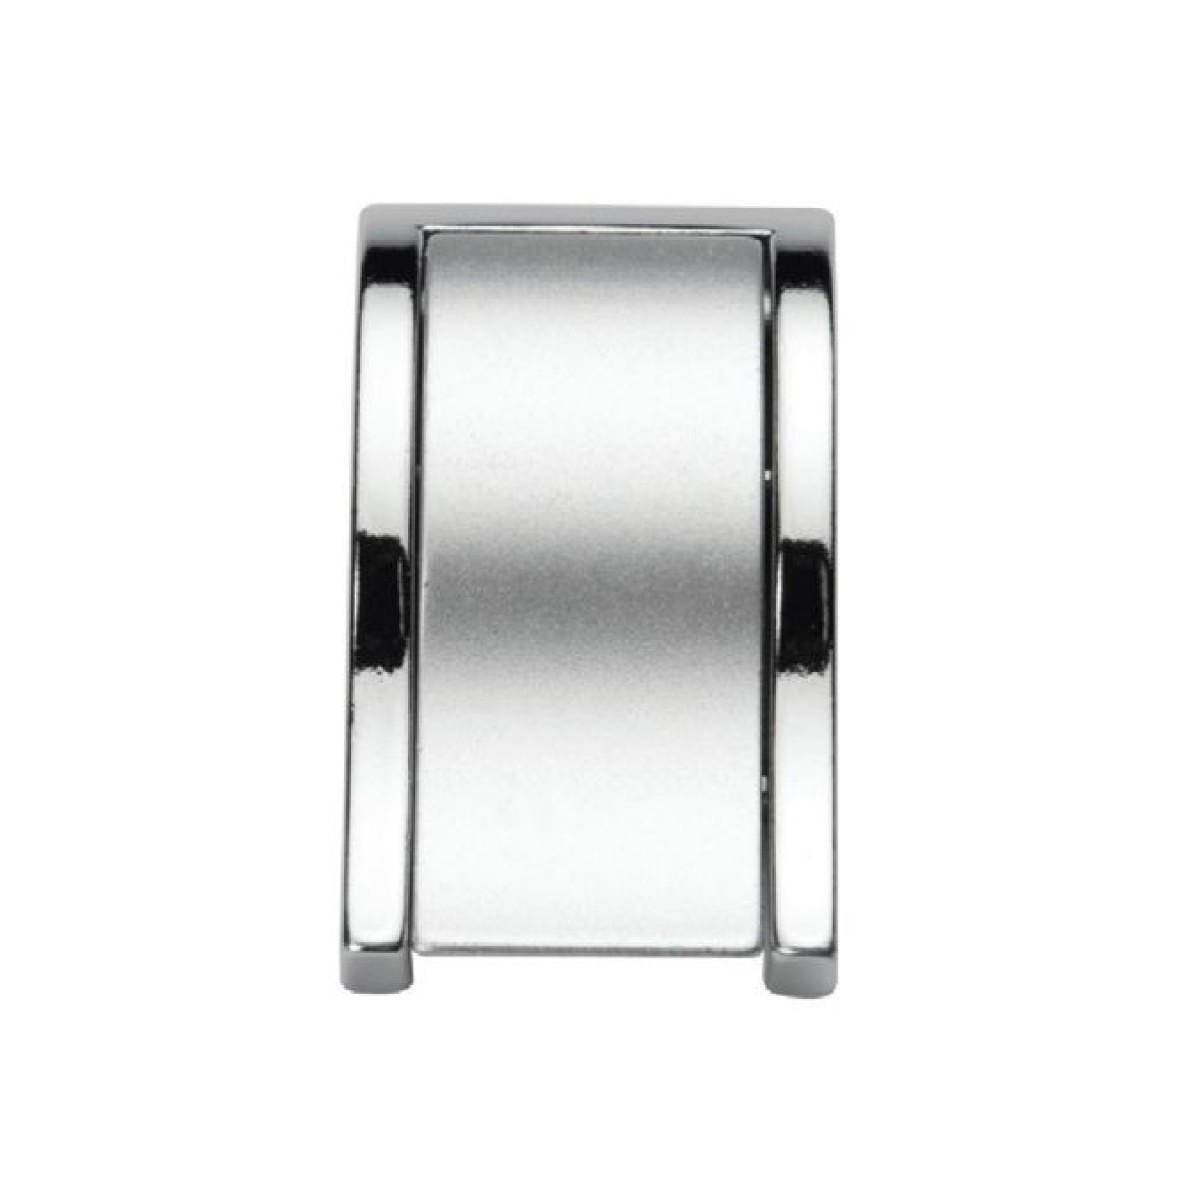 Ручка мебельная Ozkardesler 6057-06/03 TOKA SALLAMALI DUGME Хром-Матовый Хром